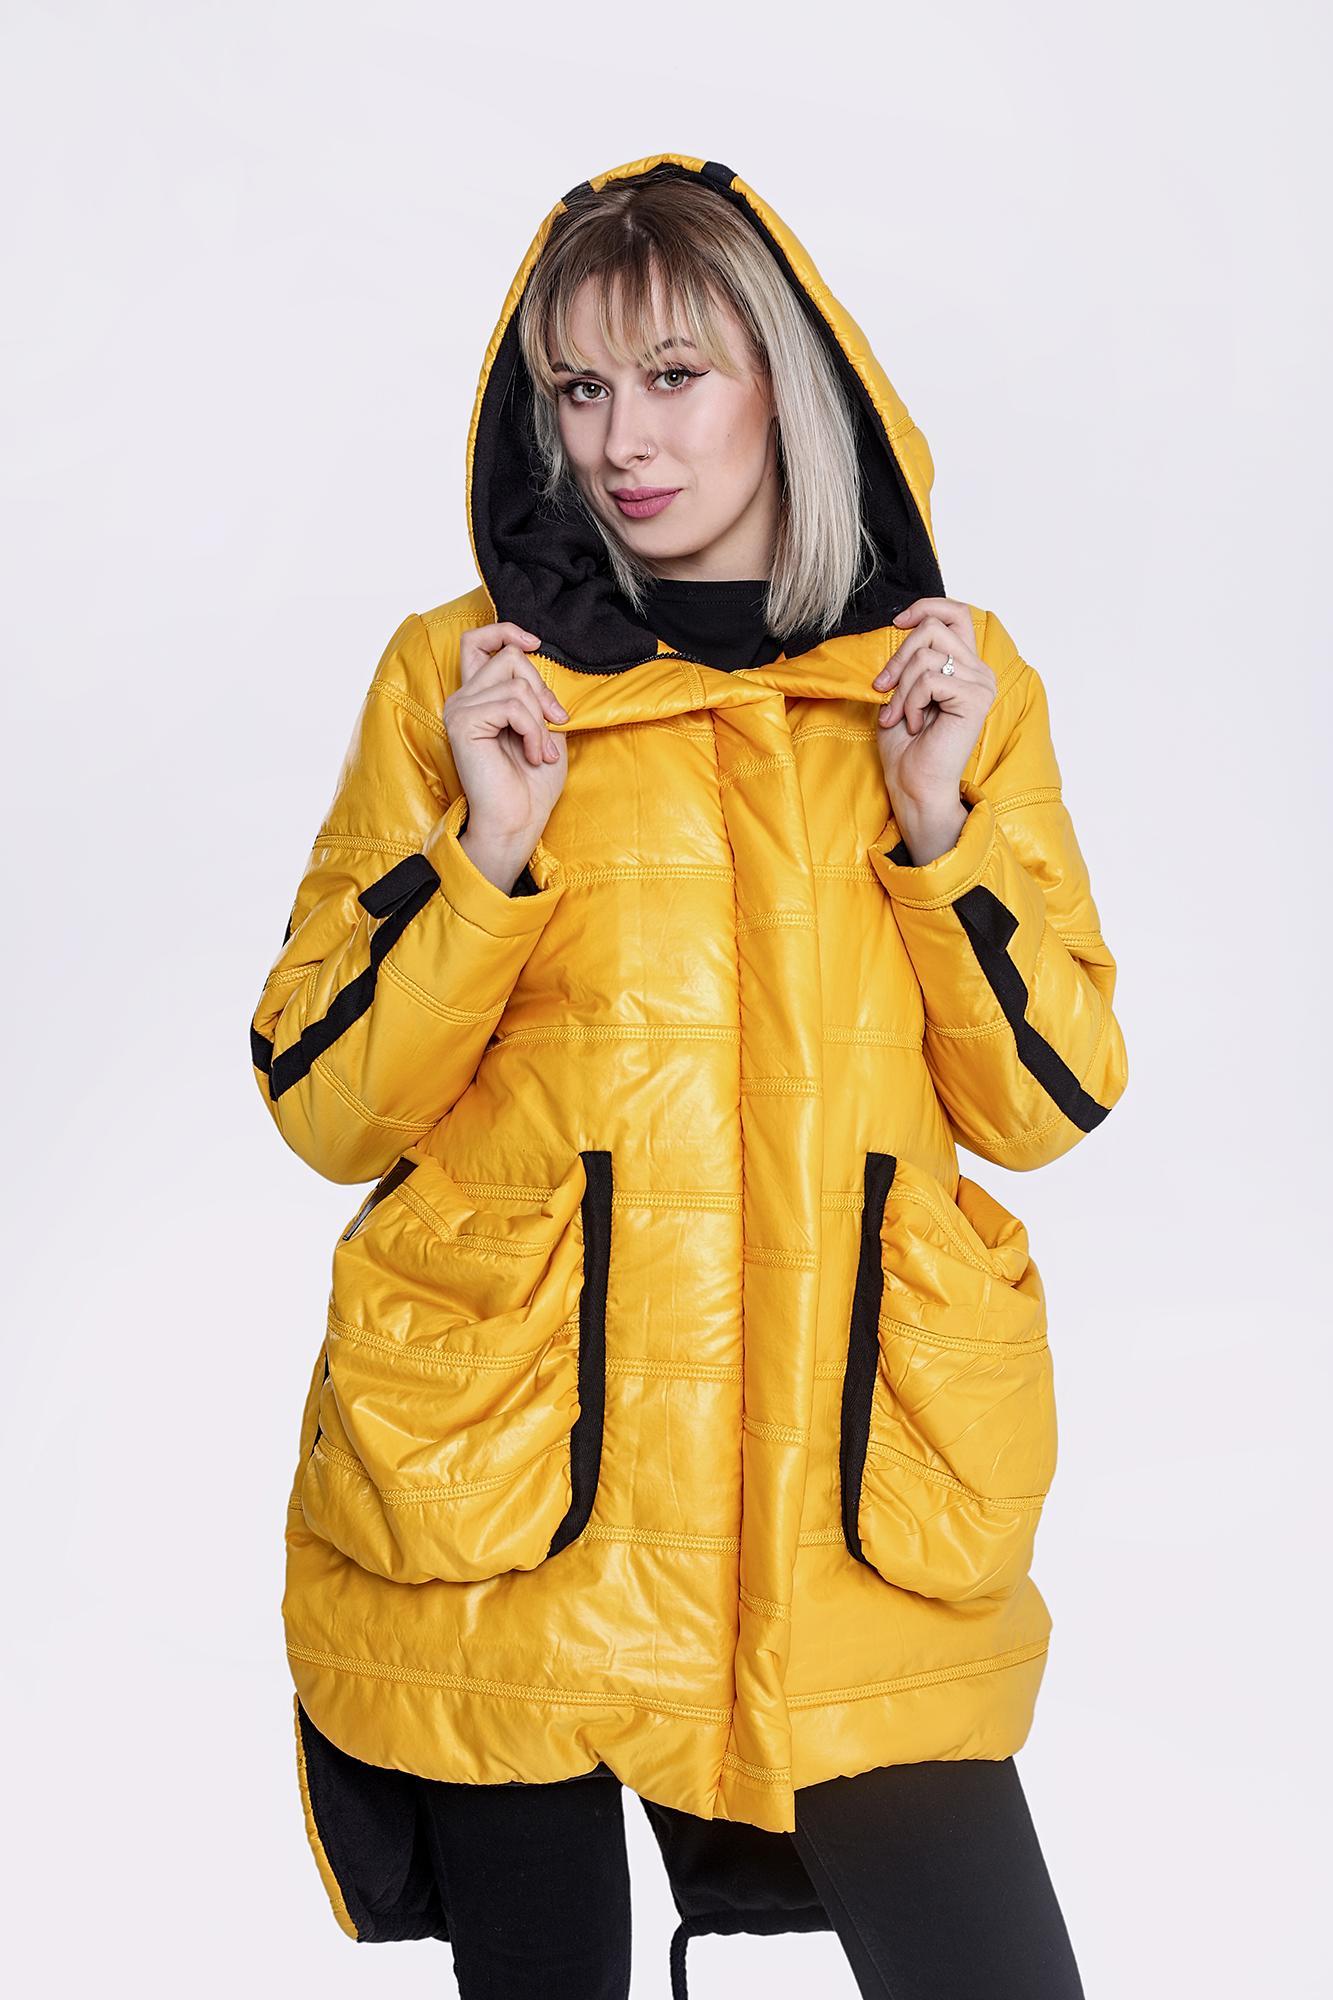 Pikowana, ocieplana kurtka w kolorze żółtym wykończona czarną, polarową podszewką. Charakteru dodaje jej wprowadzona asymetria, ogromne, marszczone kieszenie i naszywane taśmy w kapturze, na rękawach i kieszeniach, a także bawełniany gruby sznurek w kolorze czarnym.